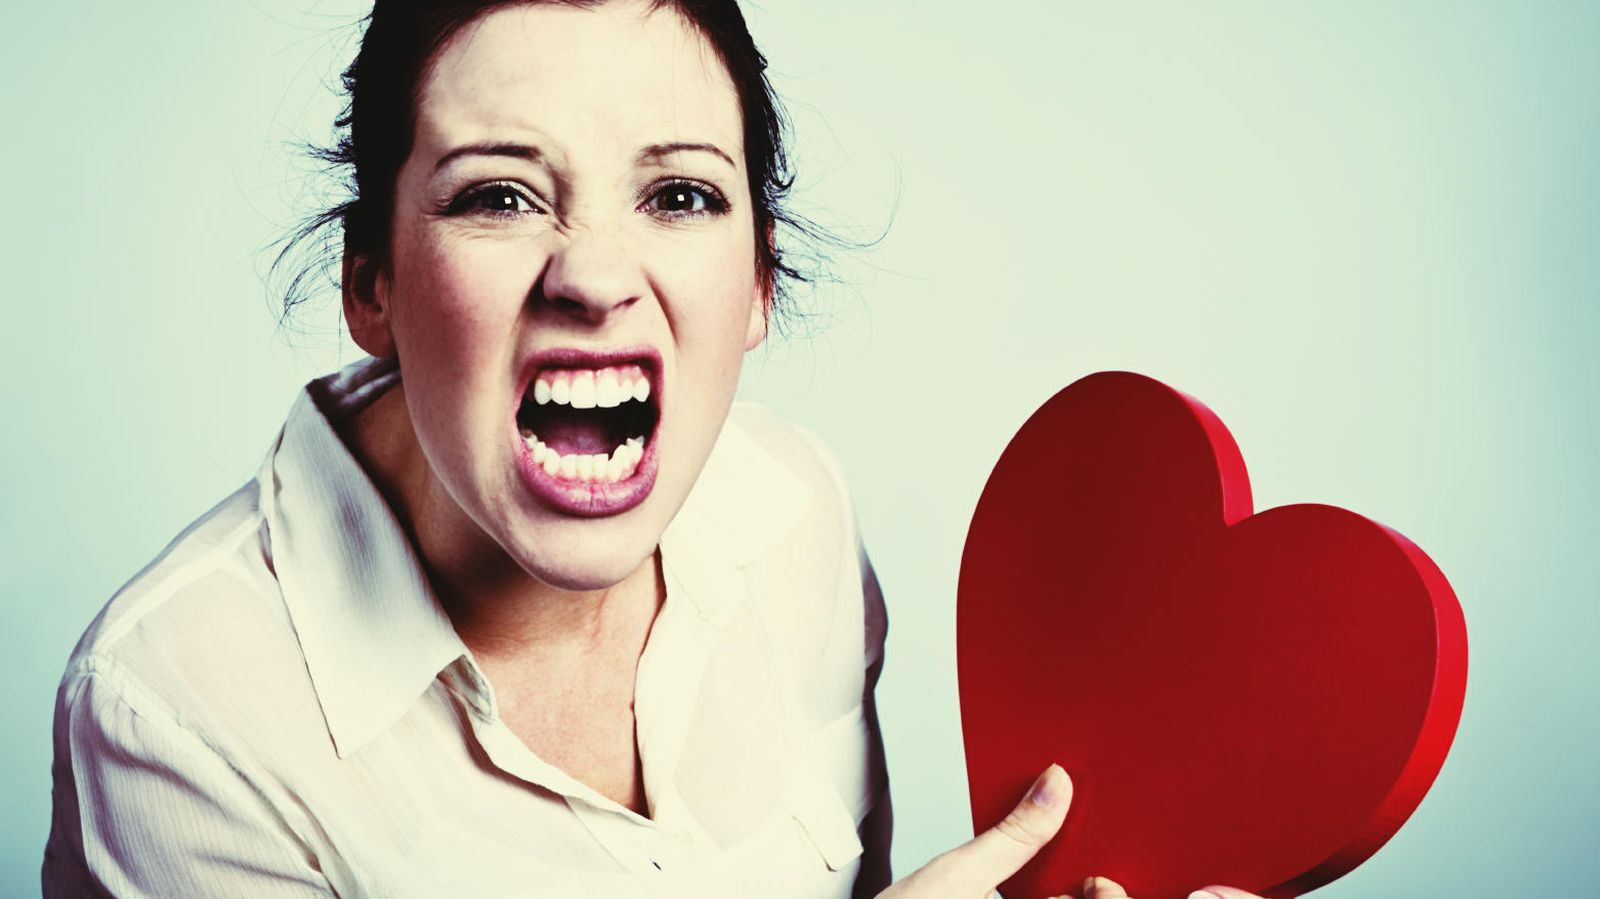 Foto: Ninguna es gritar ni enfurecerse. En lo que a venganzas se refiere la gente se lo curra bastante más. (iStock)